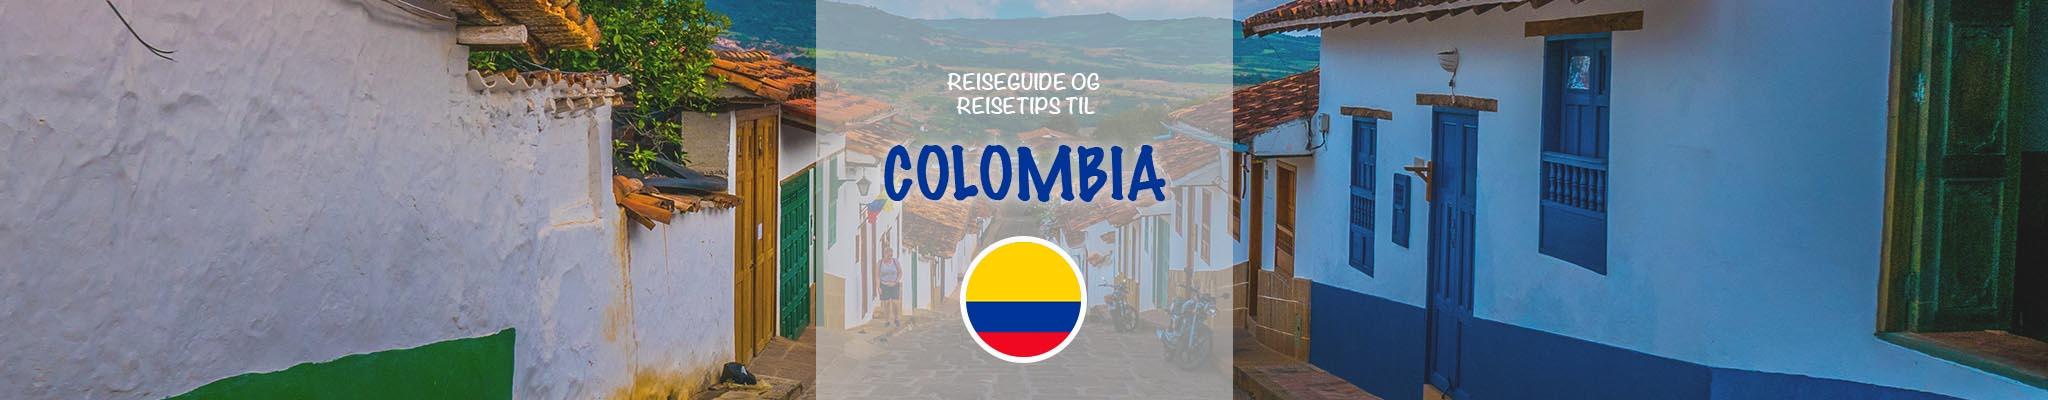 Reiseguide og reisetips til Colombia